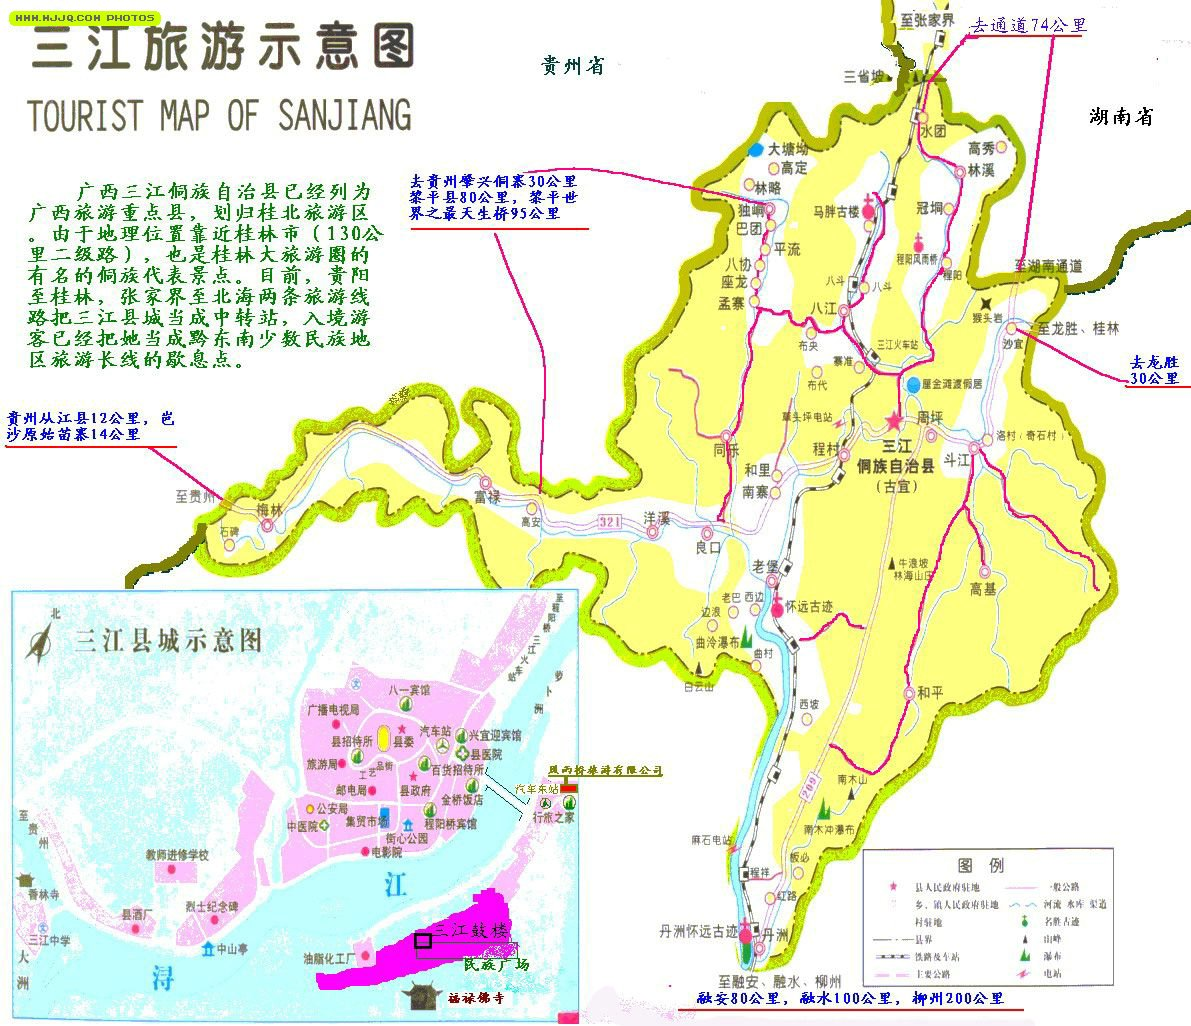 三江侗族自治县旅游地图图片